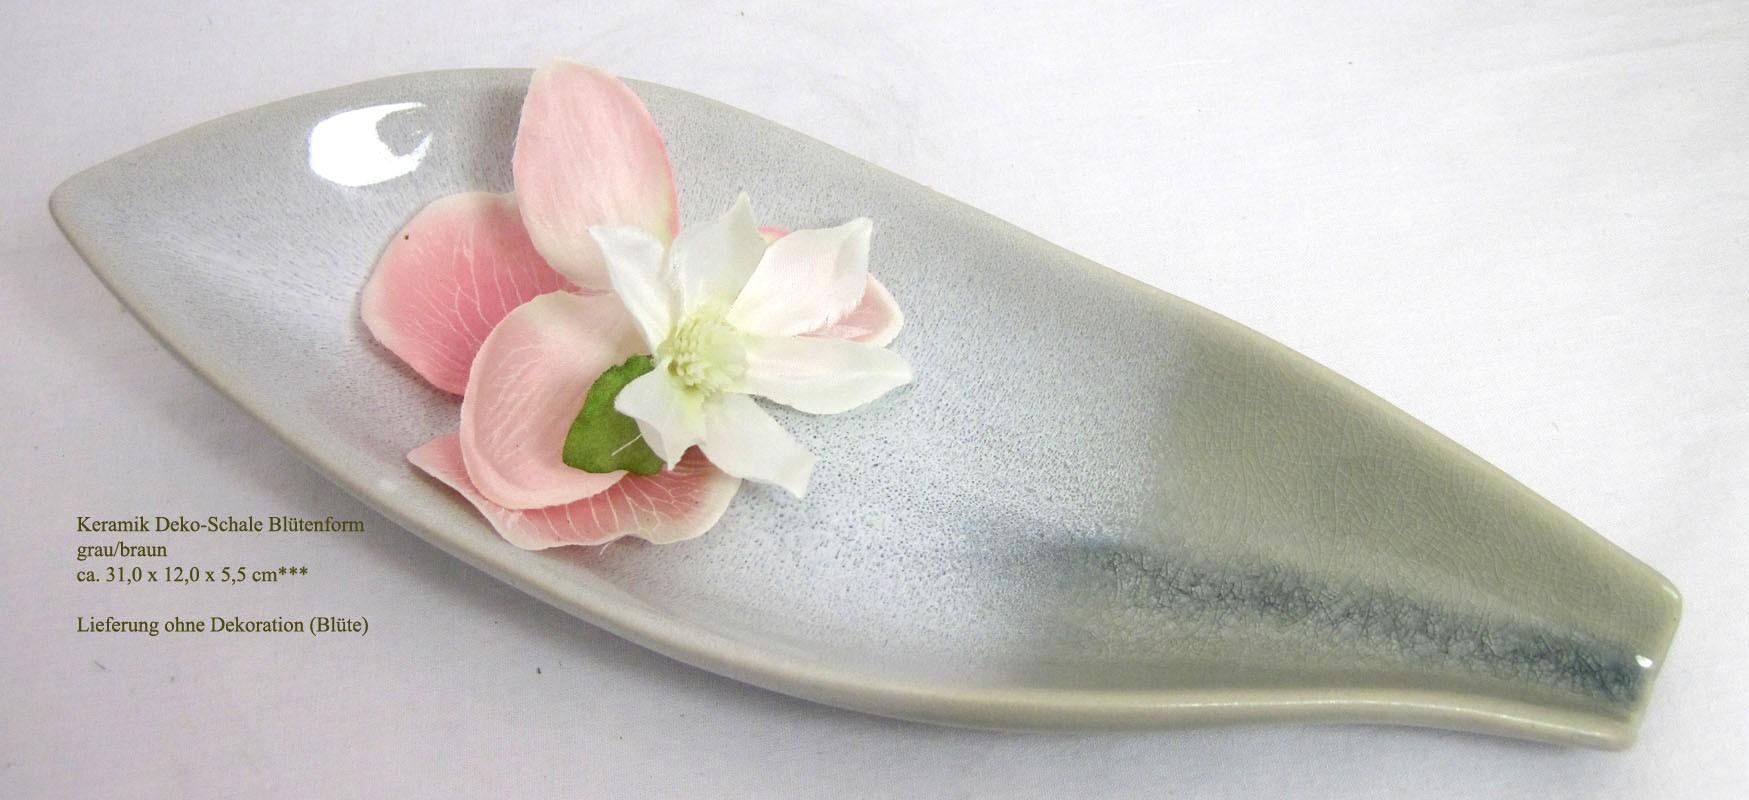 Keramik Deko-Schale Blütenform grau/braun ca. 31,0 x 12,0 x 5,5 cm